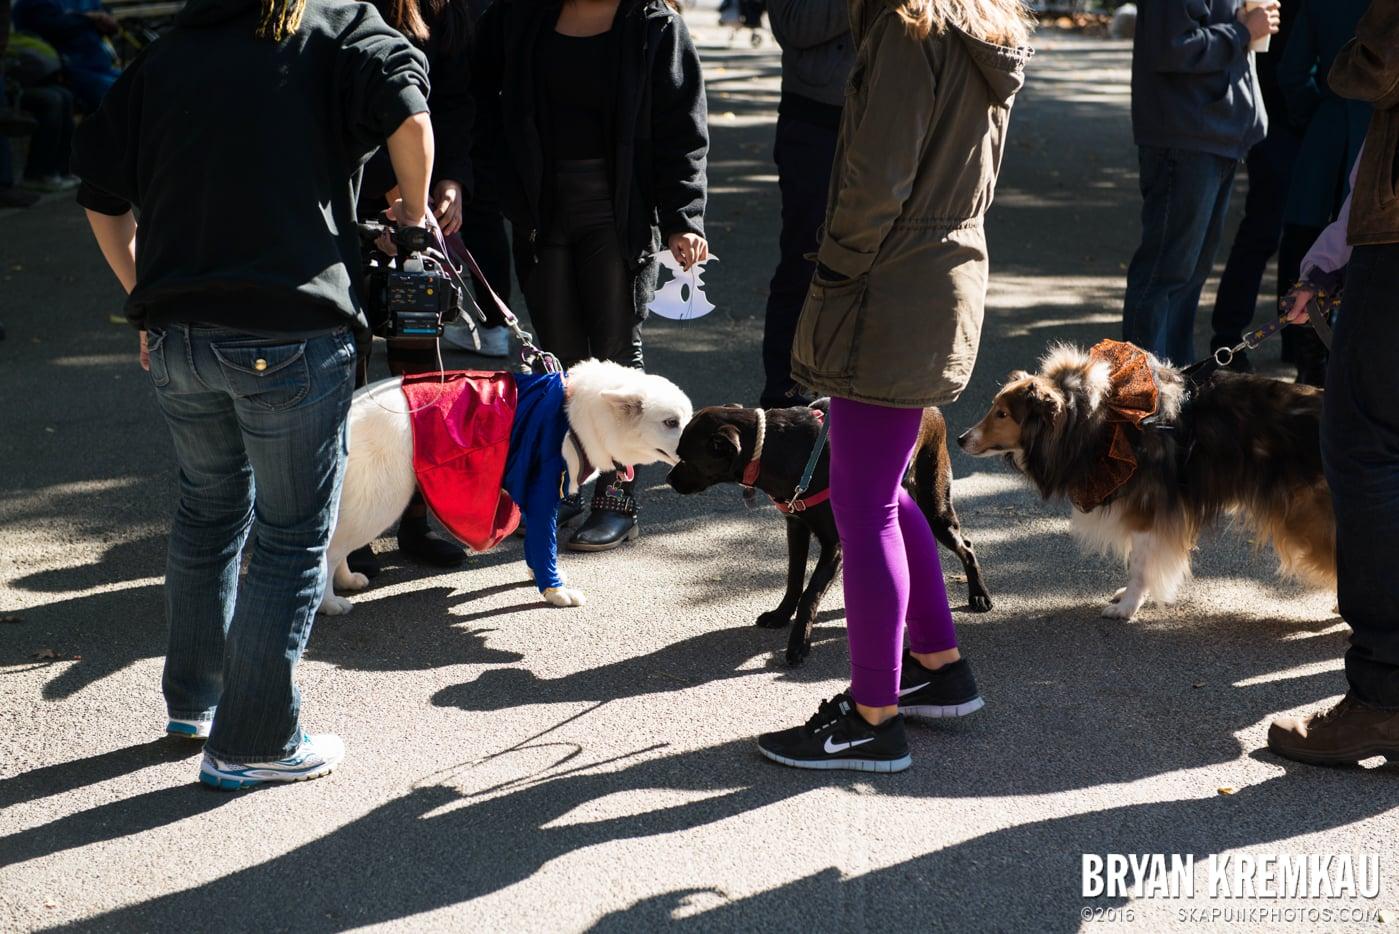 Tompkins Square Halloween Dog Parade 2013 @ Tompkins Square Park, NYC - 10.26.13 (73)